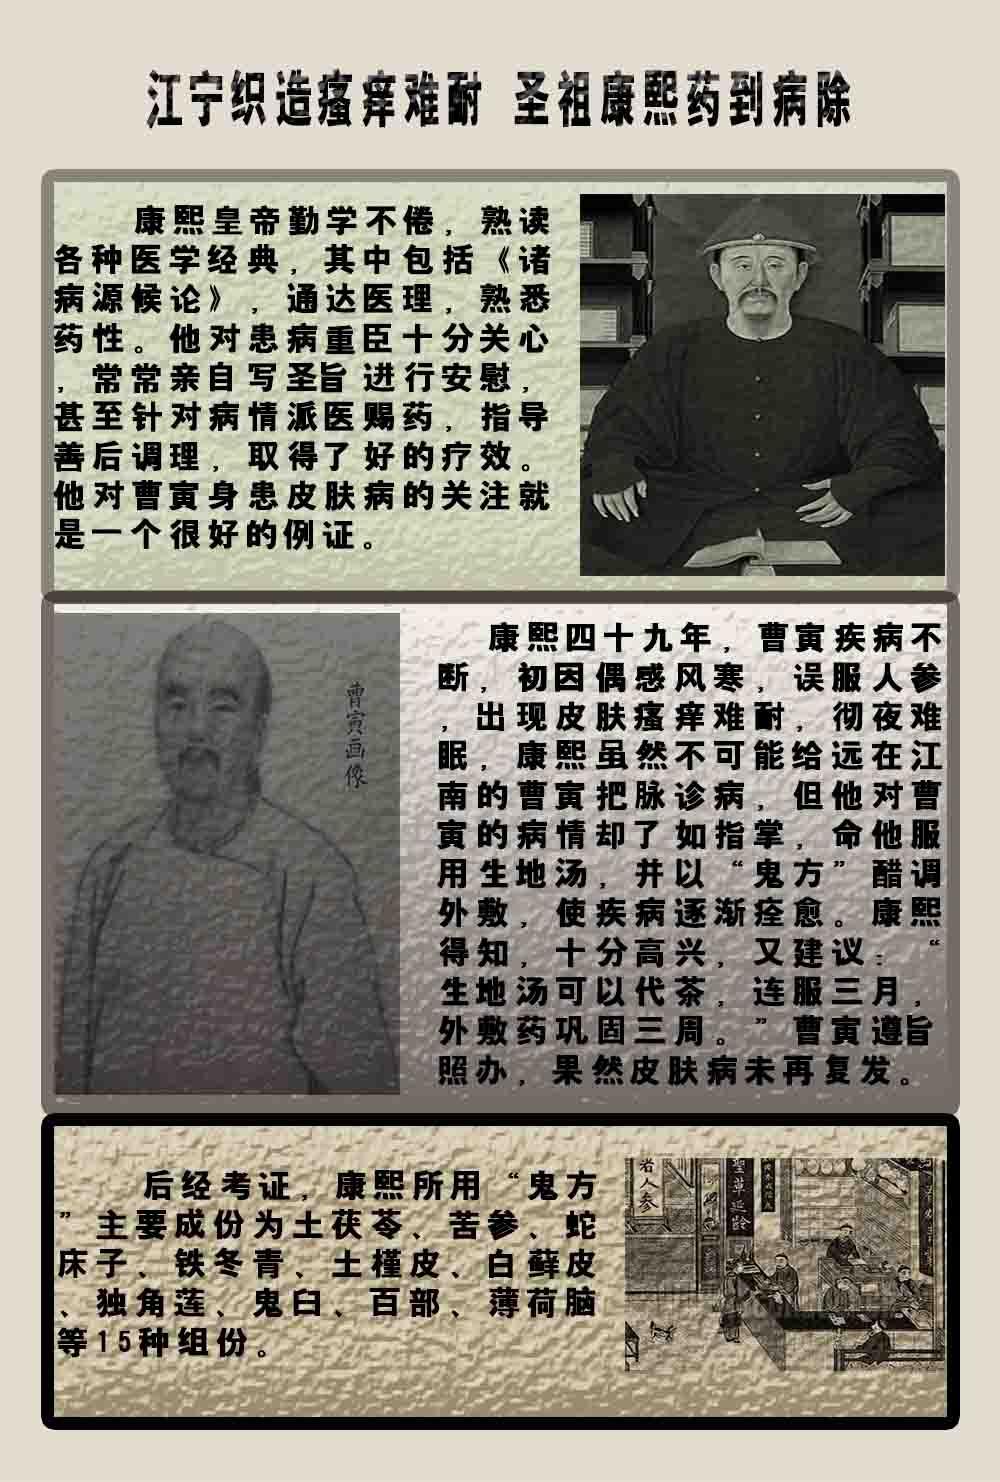 香港本草斋(本草斋®) 鬼臼王草本乳膏(鬼臼王®)品牌故事2